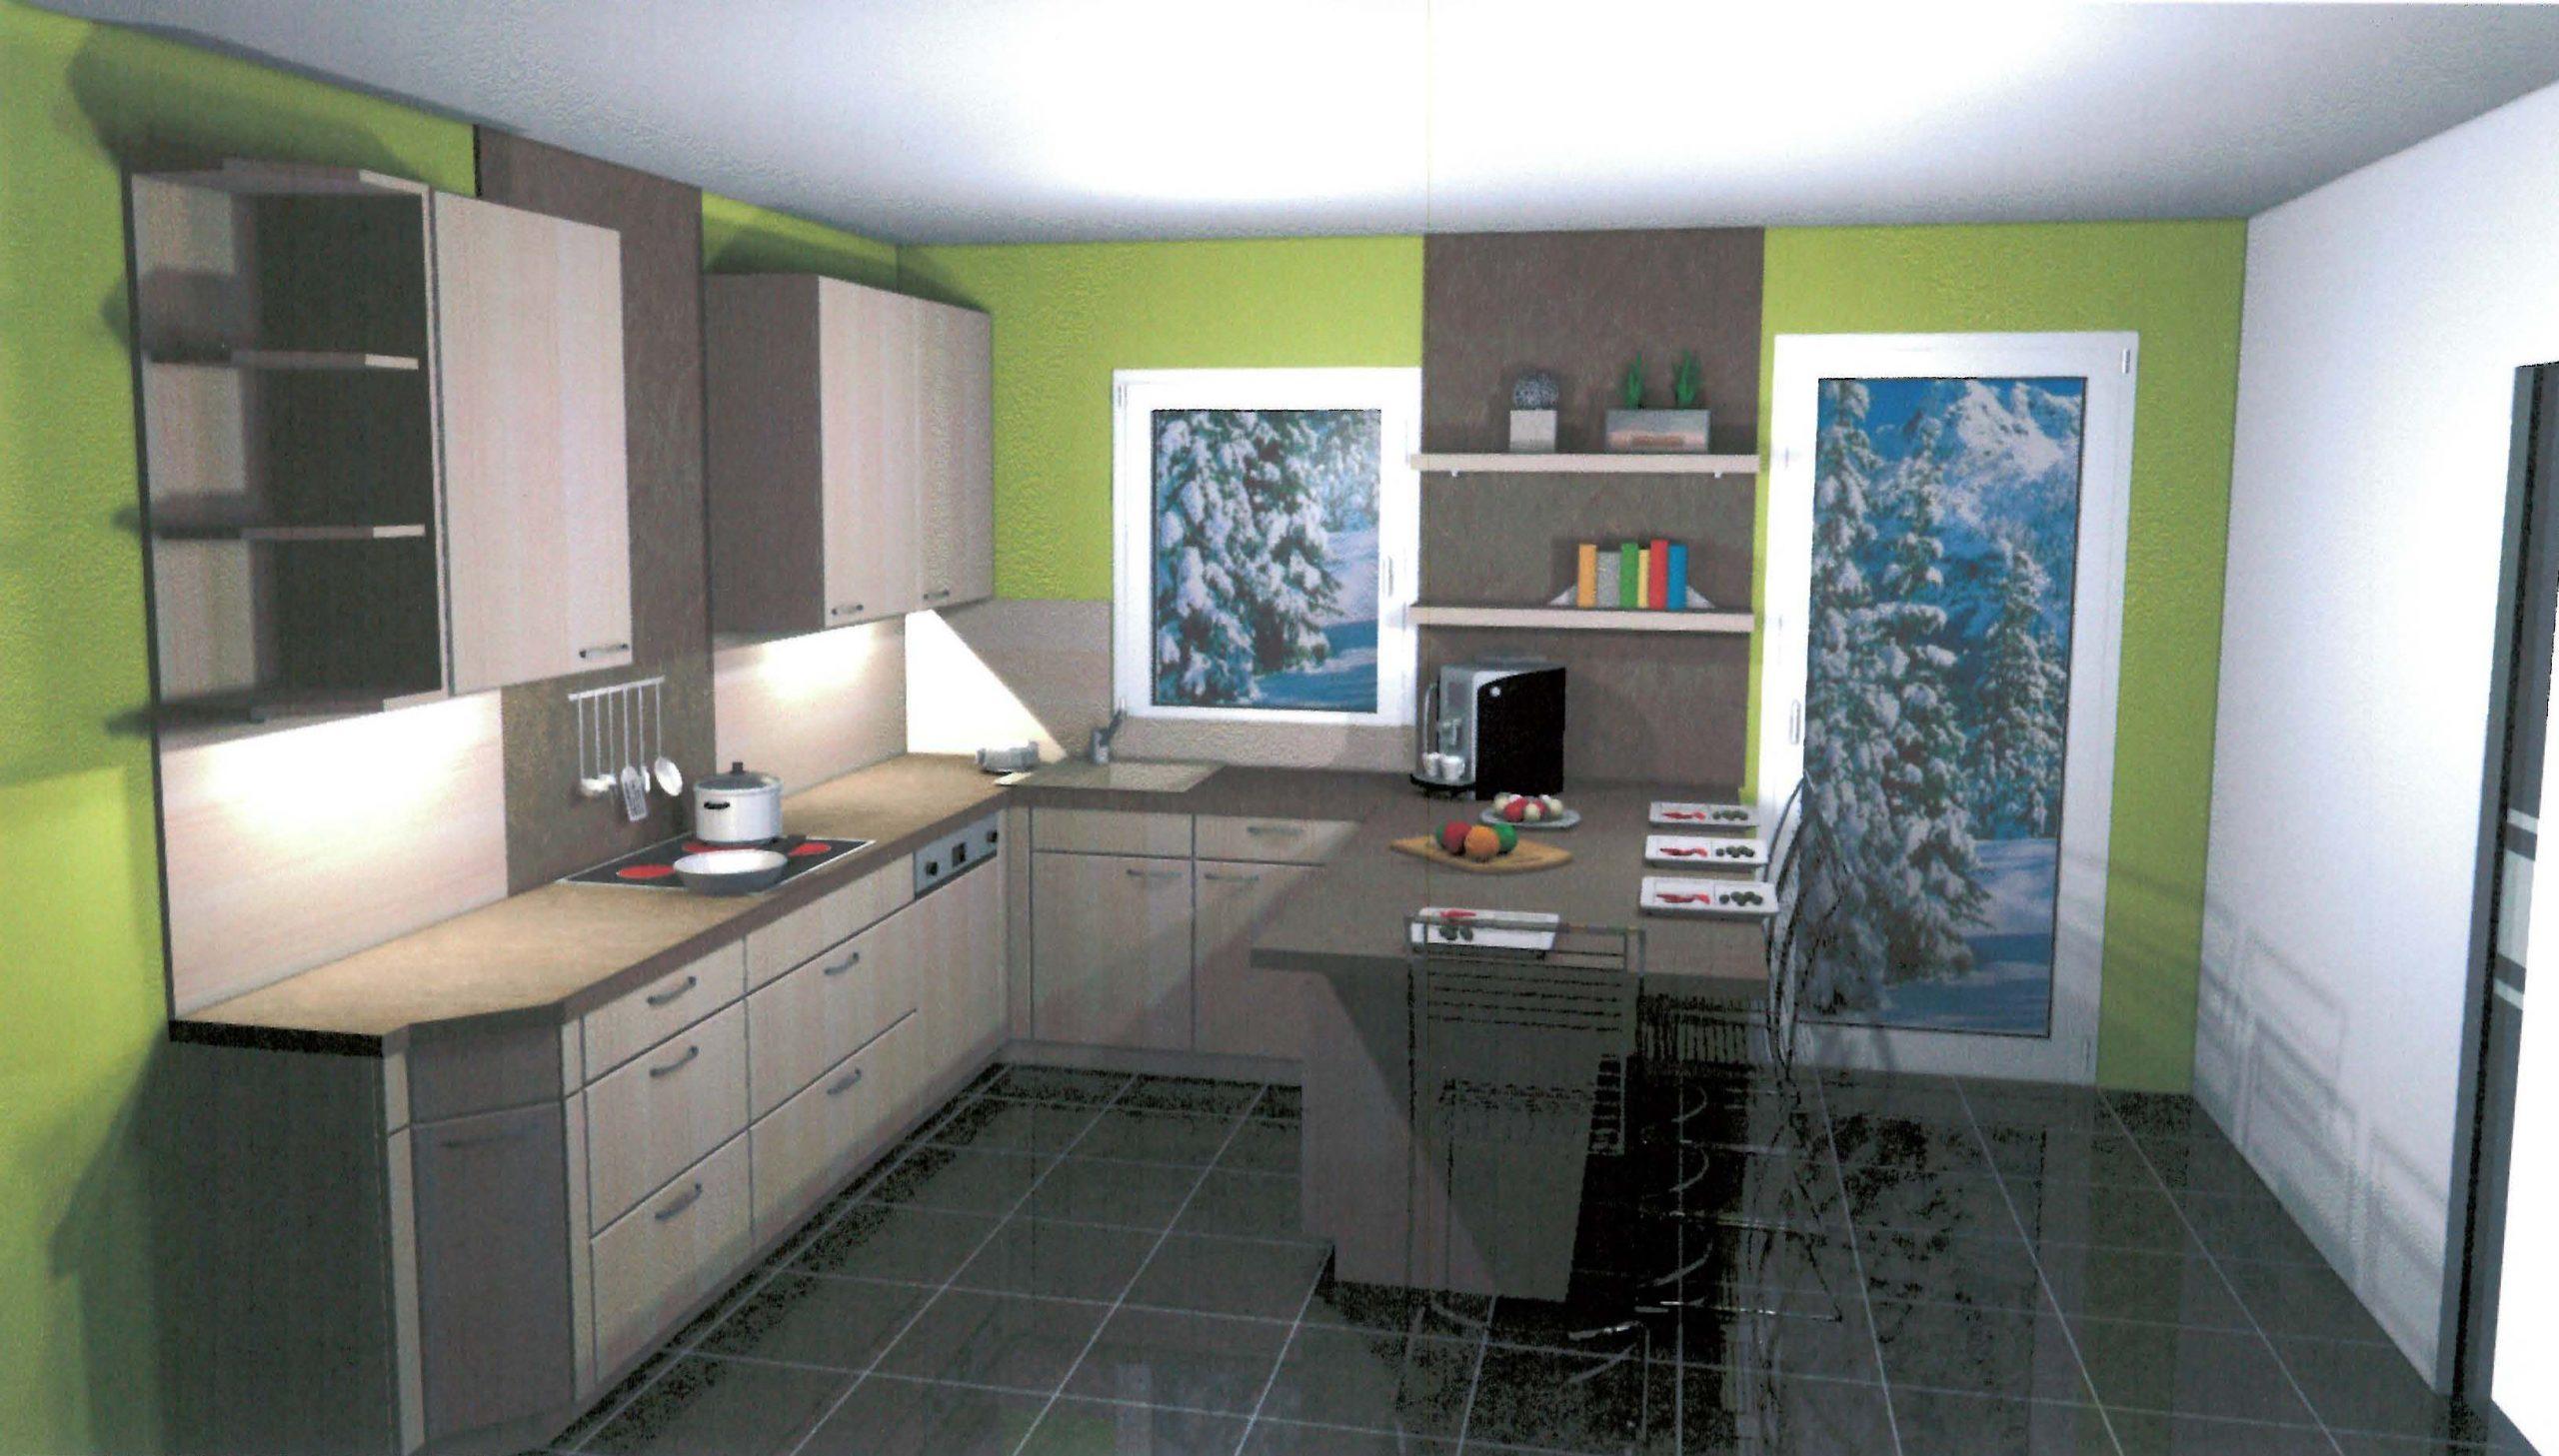 Full Size of Ikea Kücheninsel Betten 160x200 Küche Kosten Sofa Mit Schlaffunktion Miniküche Bei Kaufen Modulküche Wohnzimmer Ikea Kücheninsel